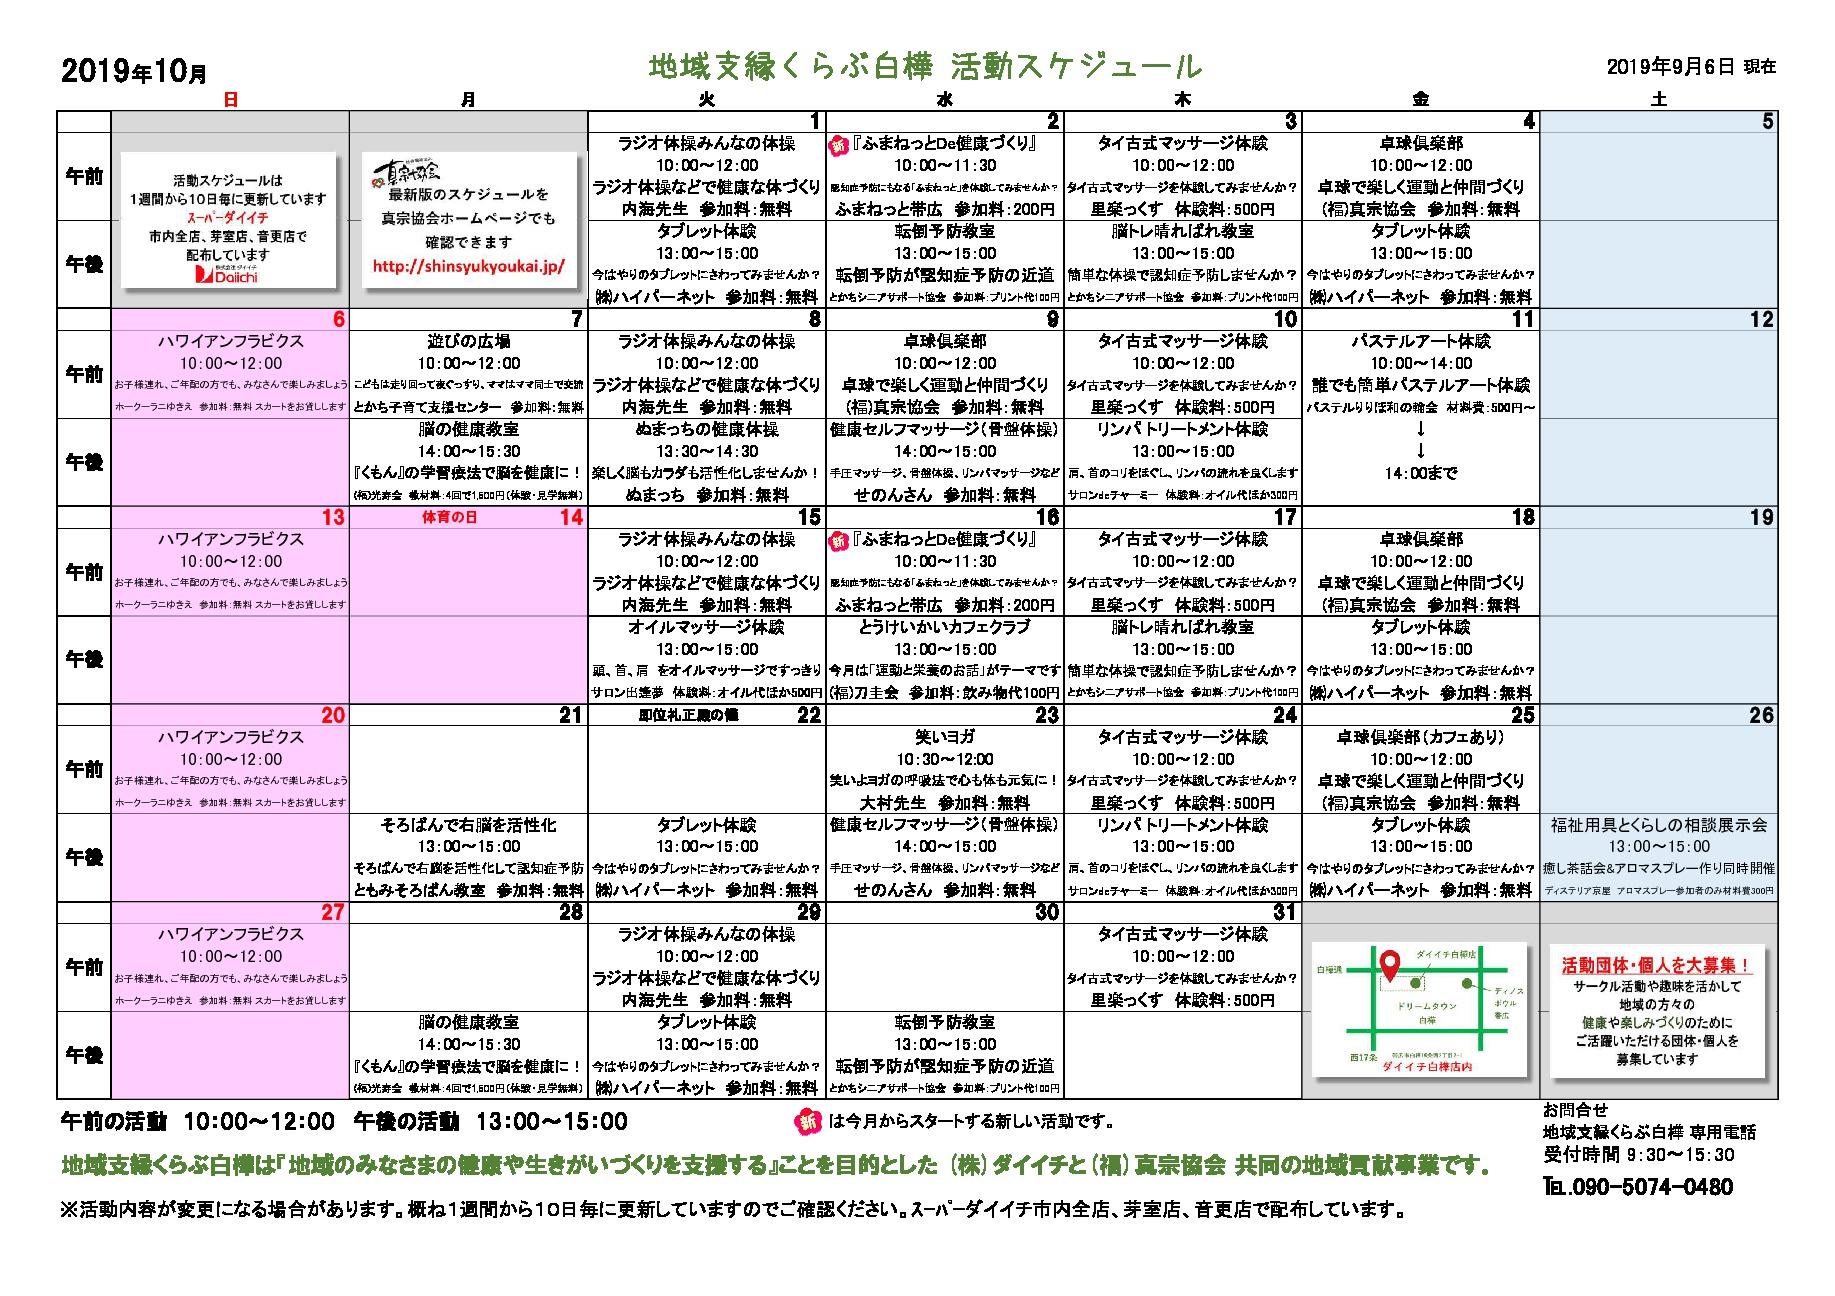 2019活動スケジュール10(2019.9.6付)のサムネイル